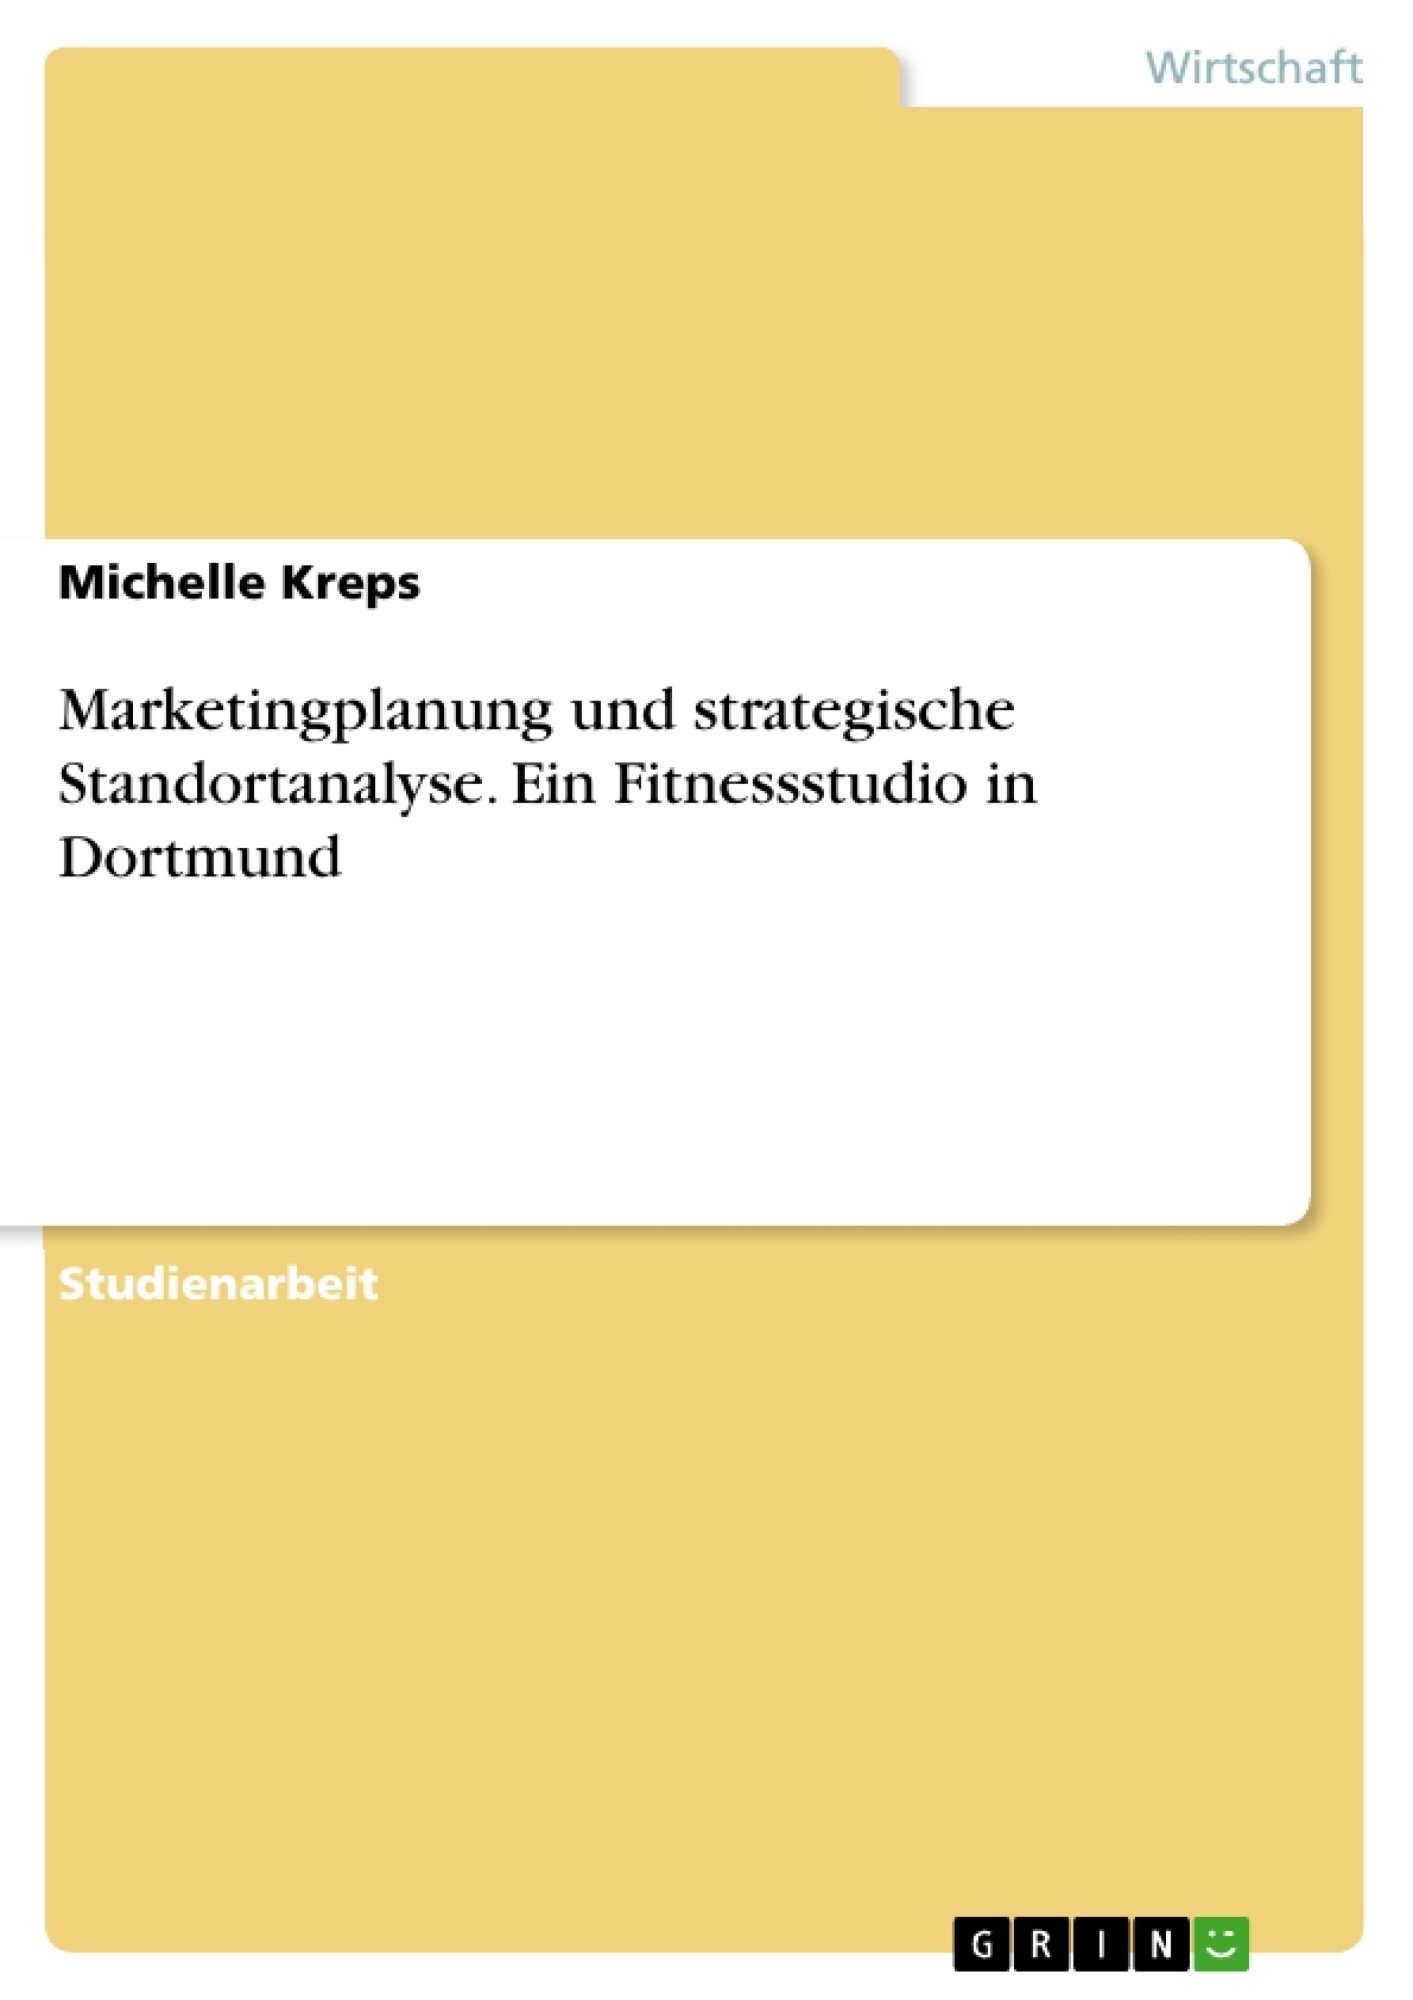 Titel: Marketingplanung und strategische Standortanalyse. Ein Fitnessstudio in Dortmund